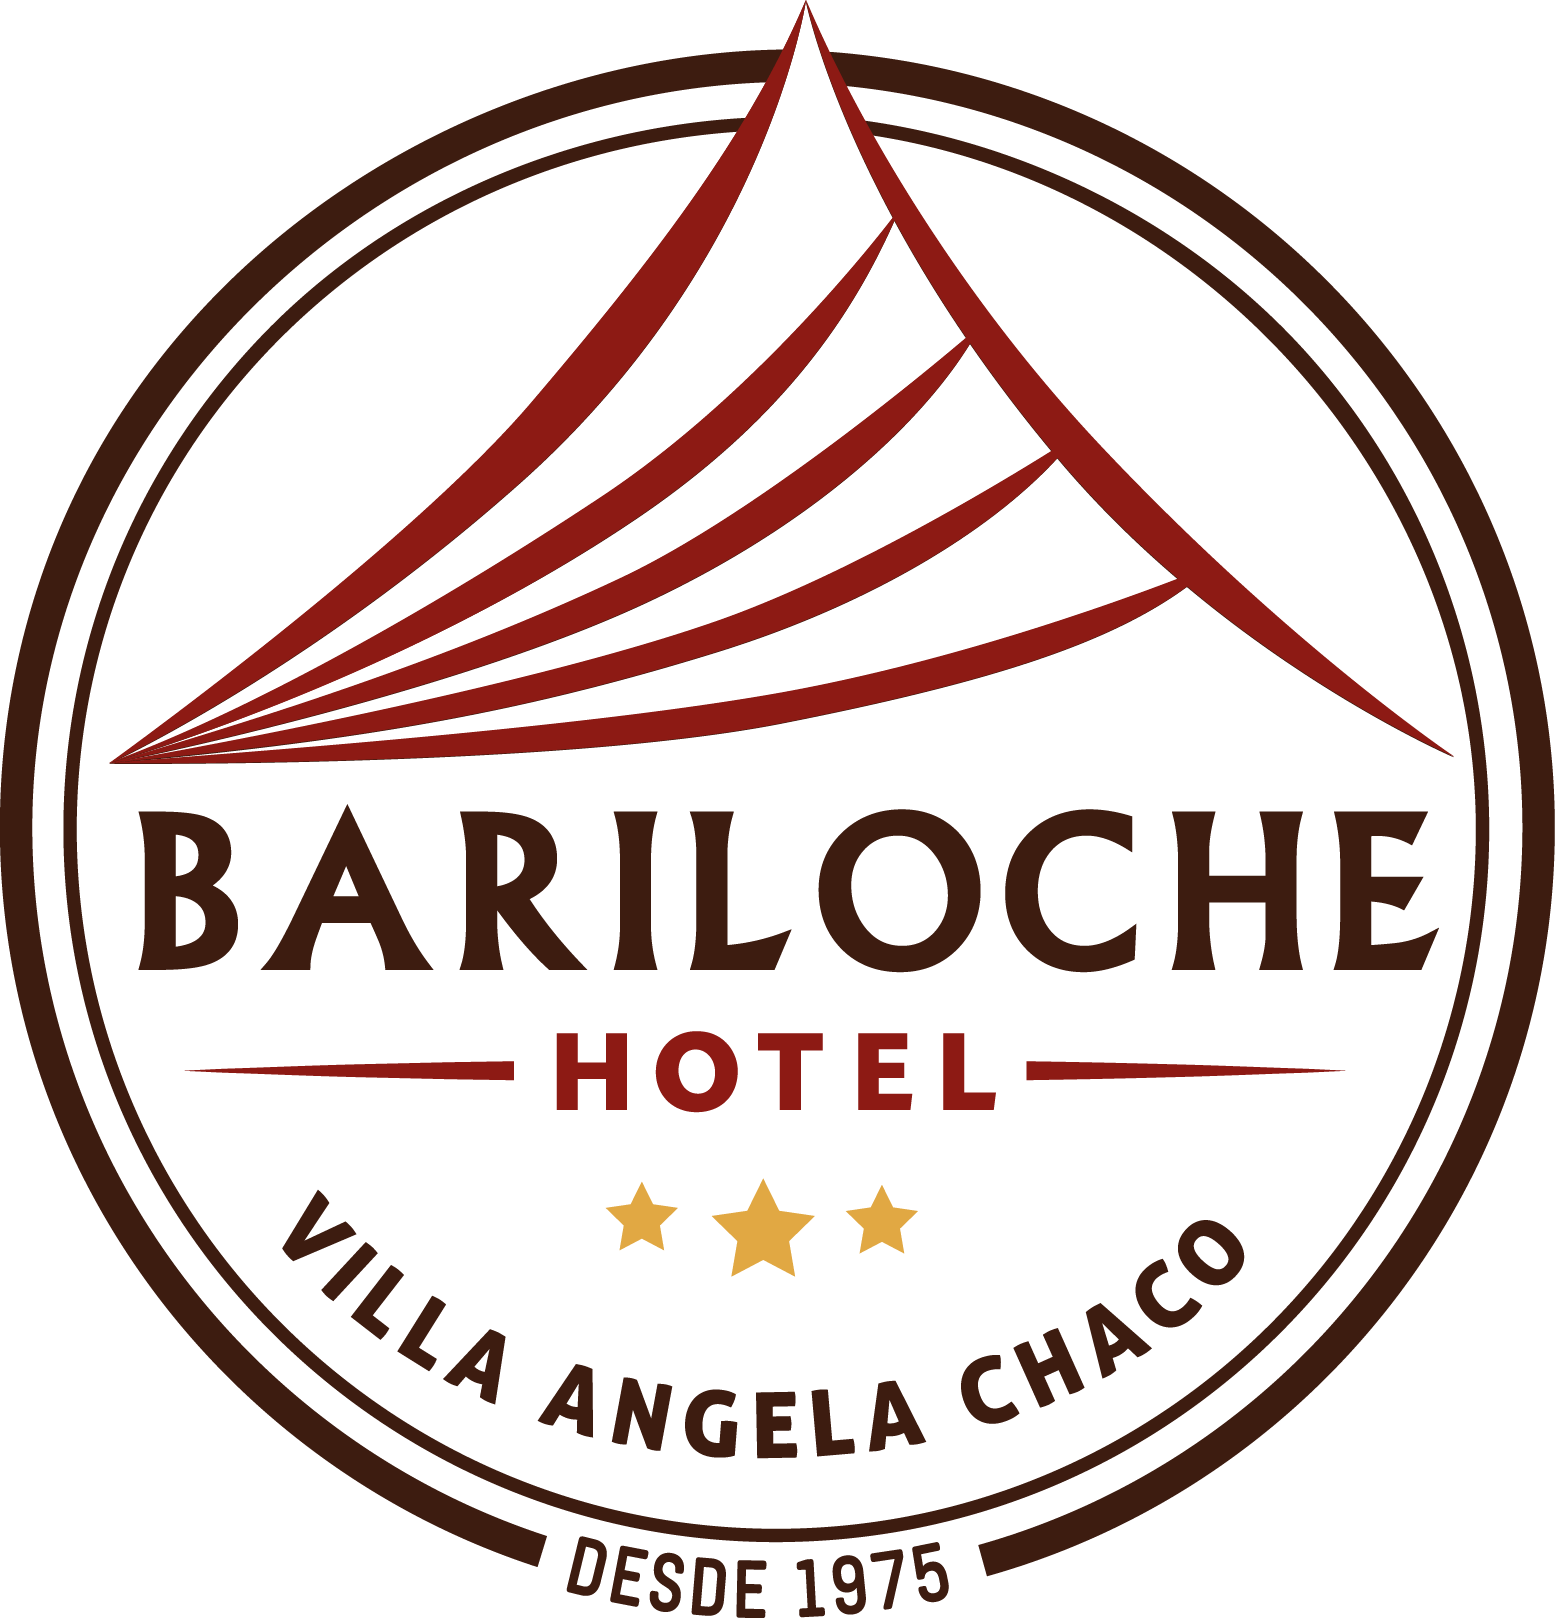 Bariloche Hotel Villa Angela